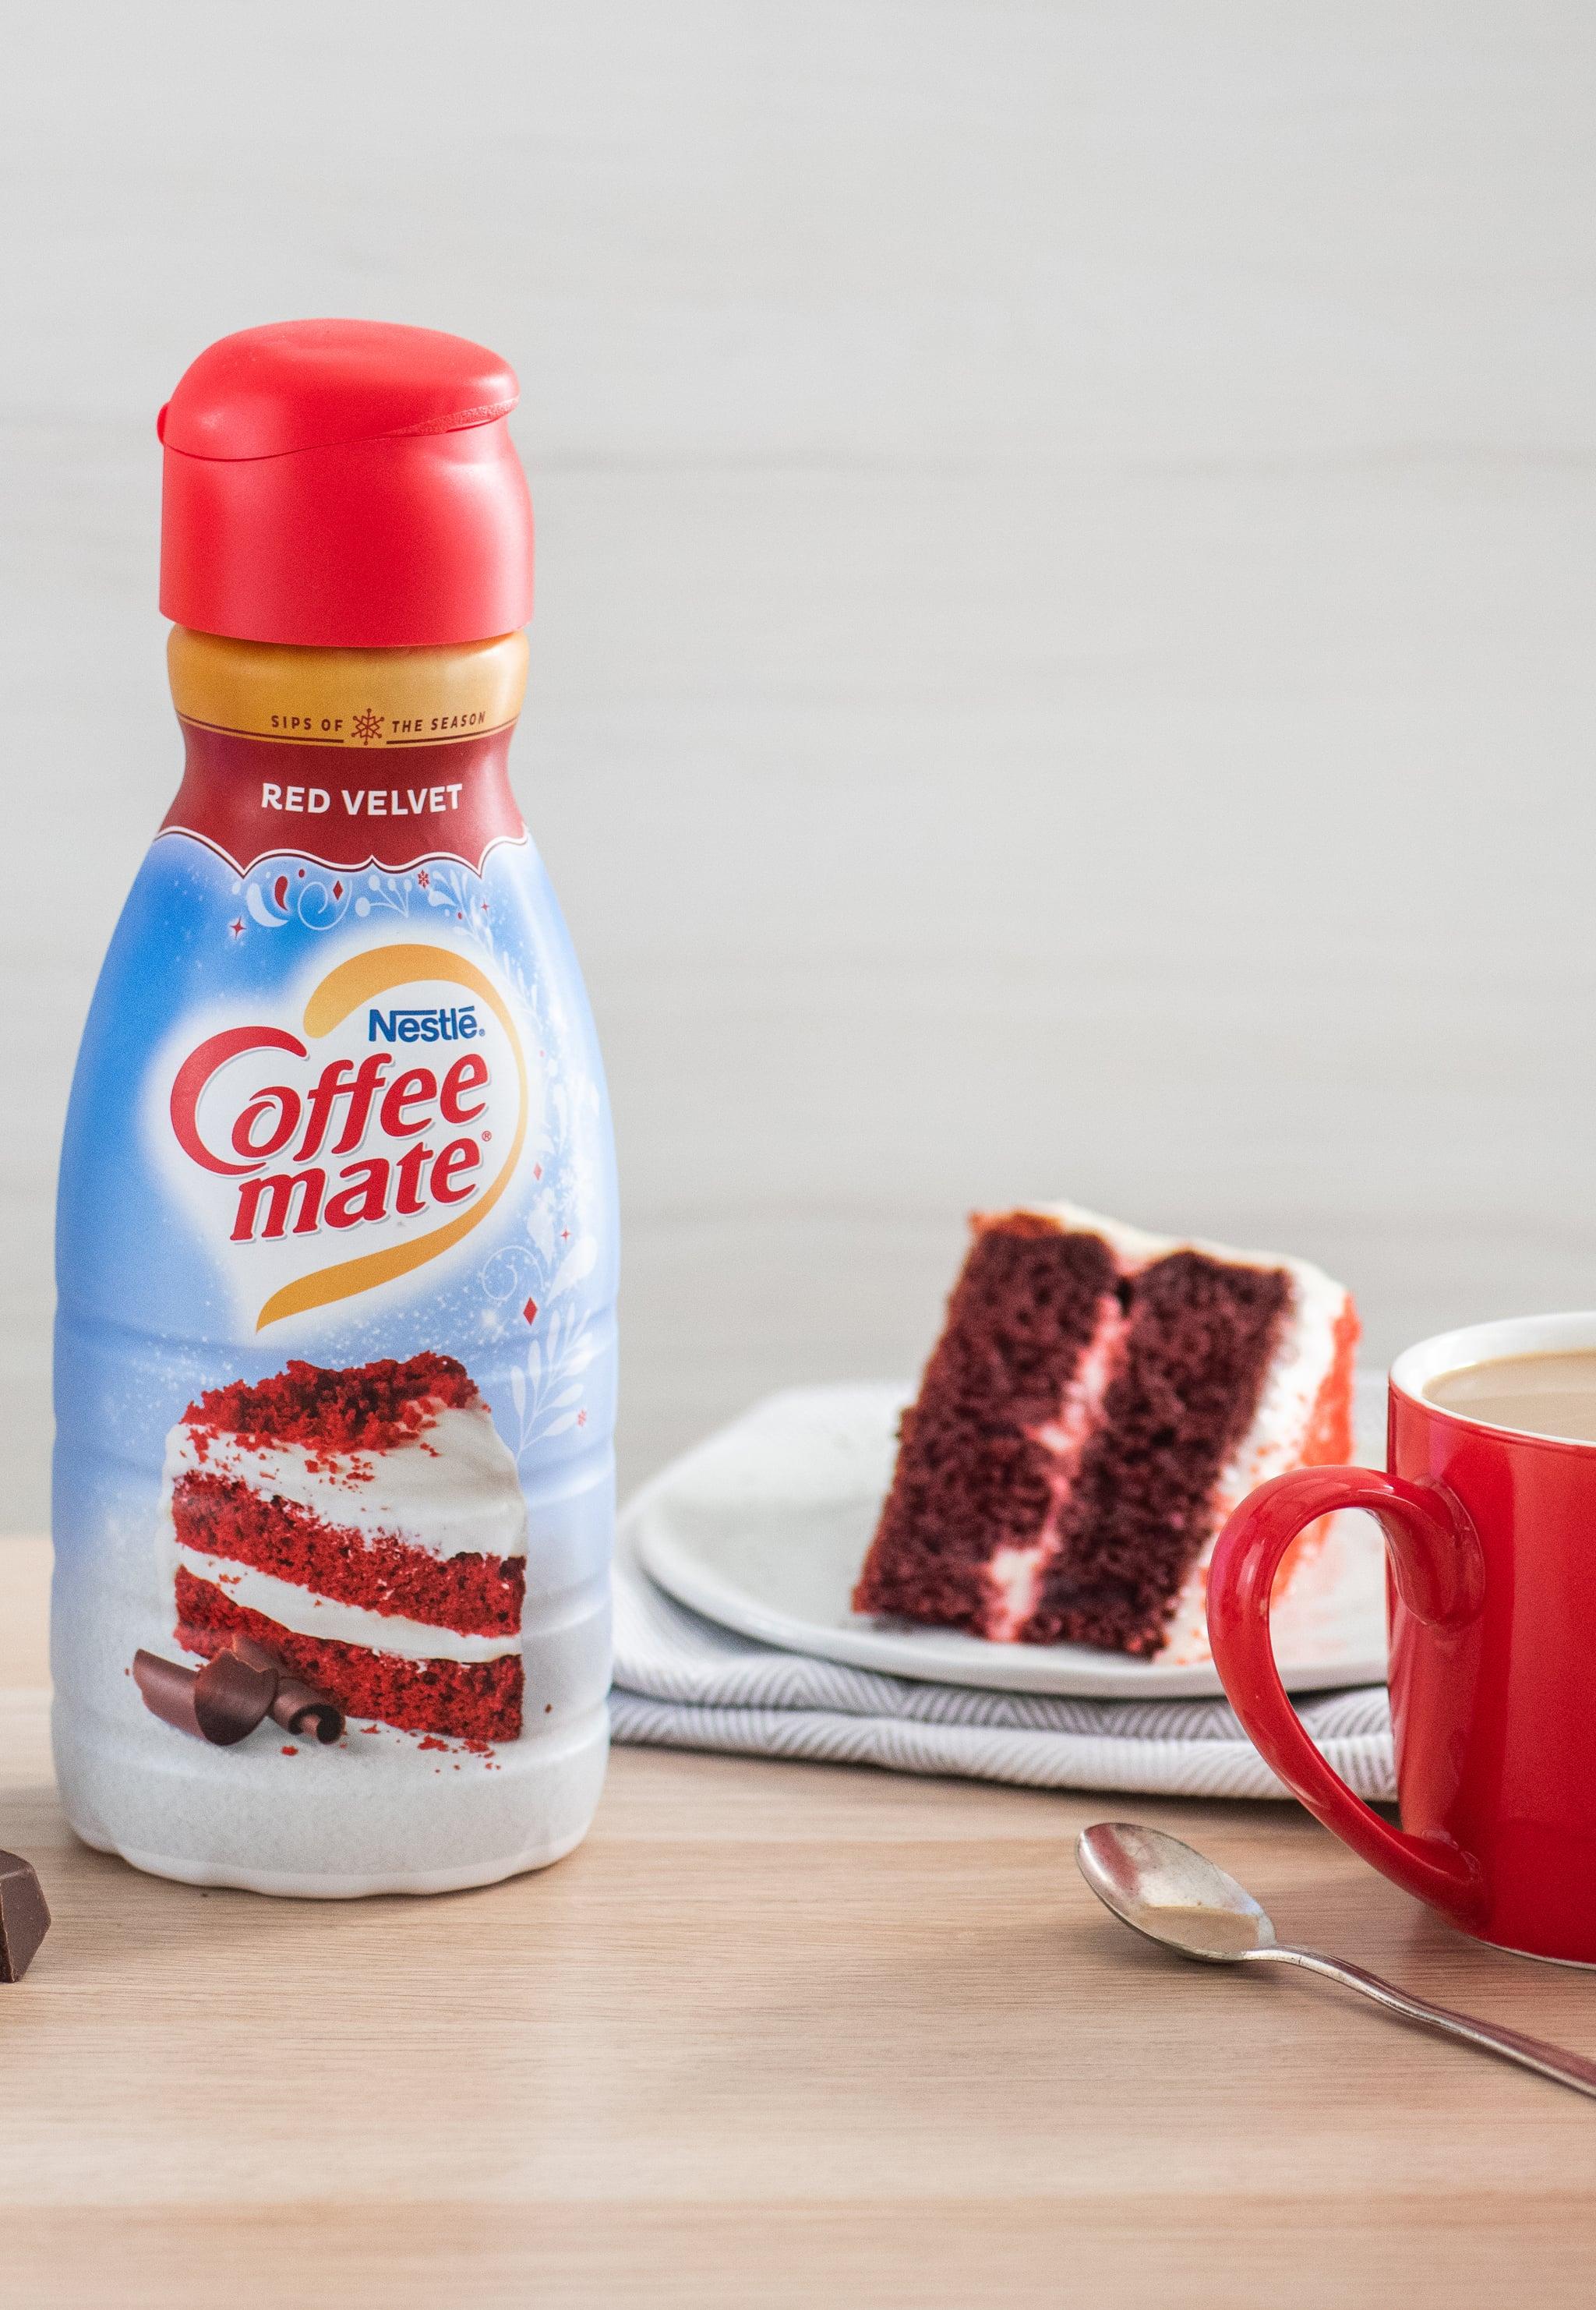 Red Velvet Coffee Mate Creamer 2019 Popsugar Food Uk